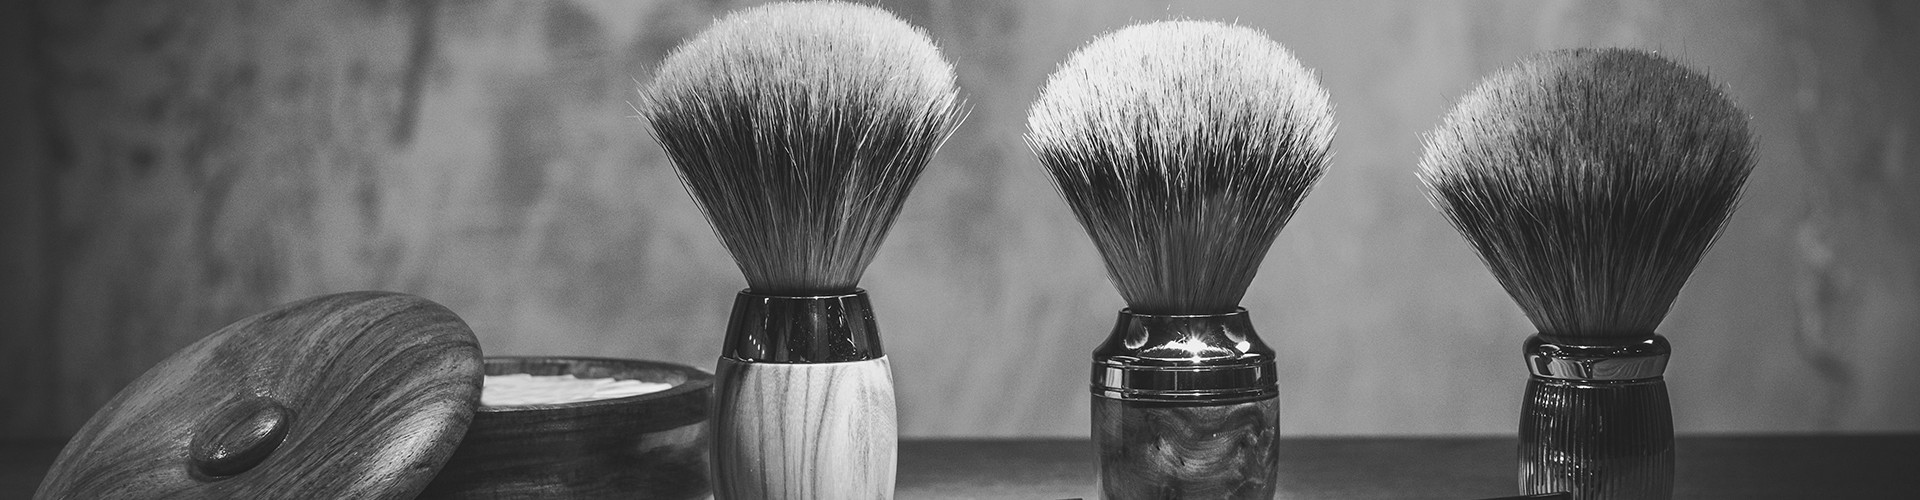 Blaireau de rasage, pinceau à barbe